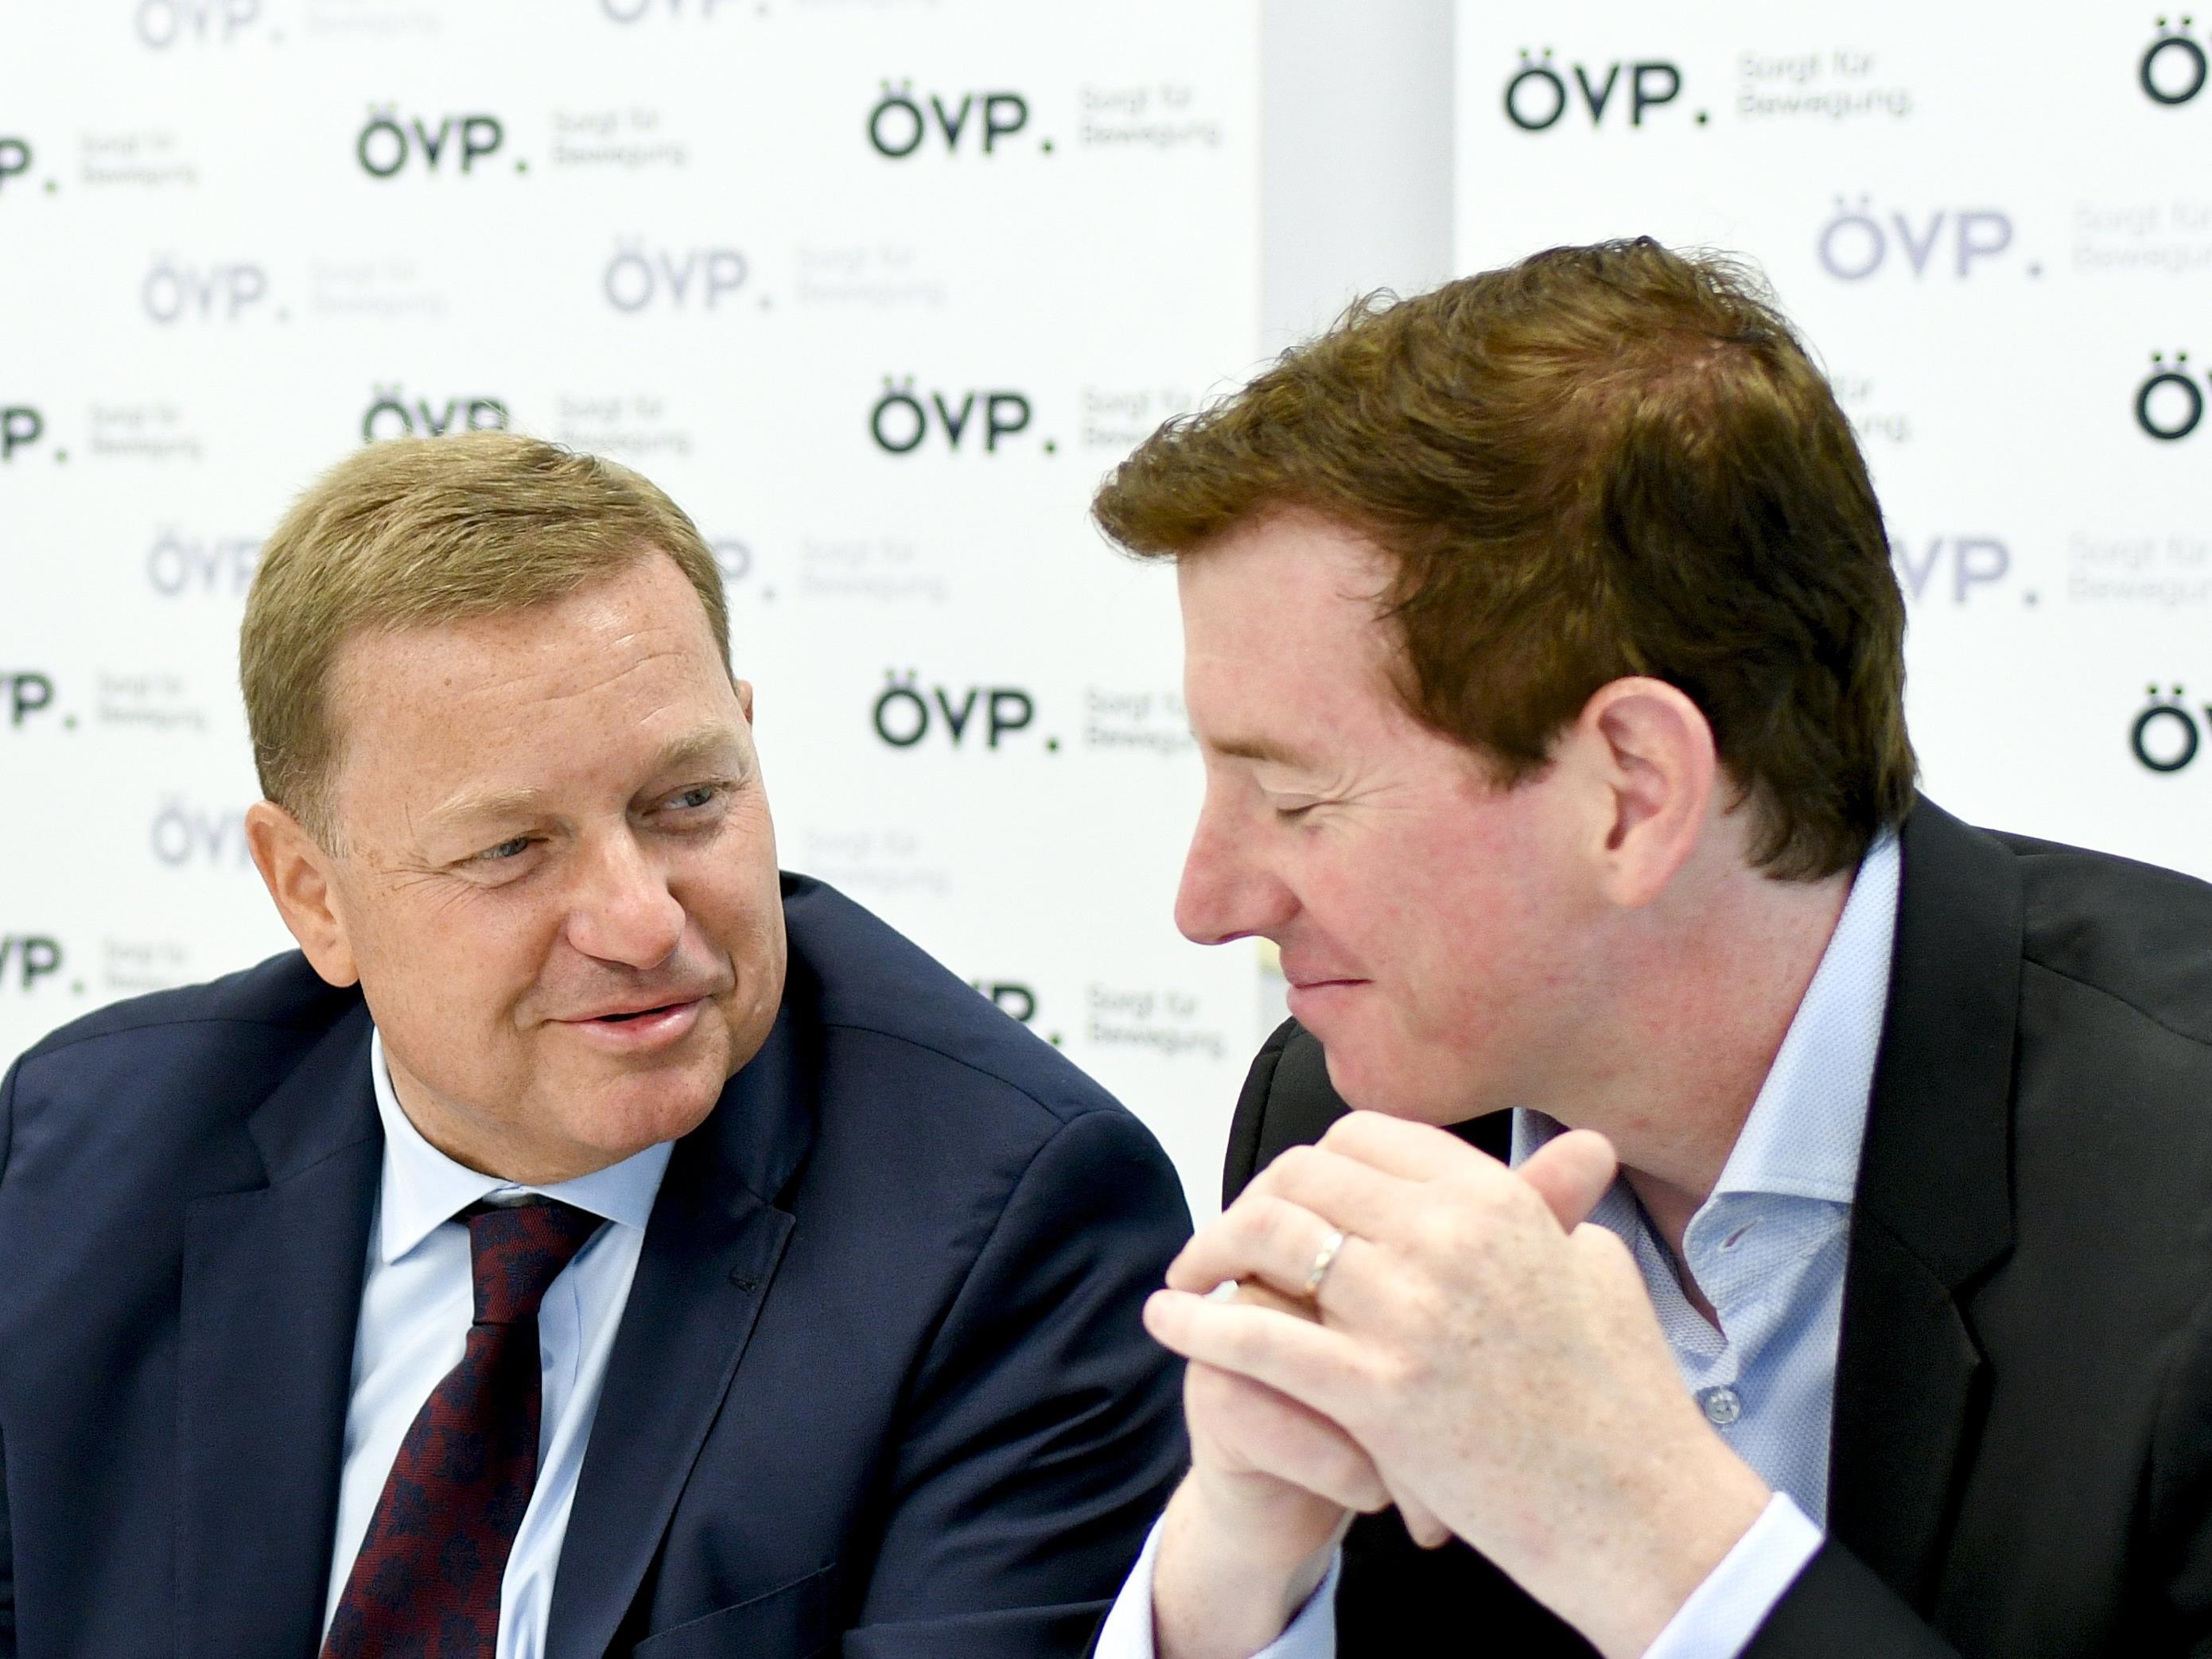 Der neue und der alte Generalsekretär der ÖVP: Werner Amon (links) und Peter McDonald (rechts).